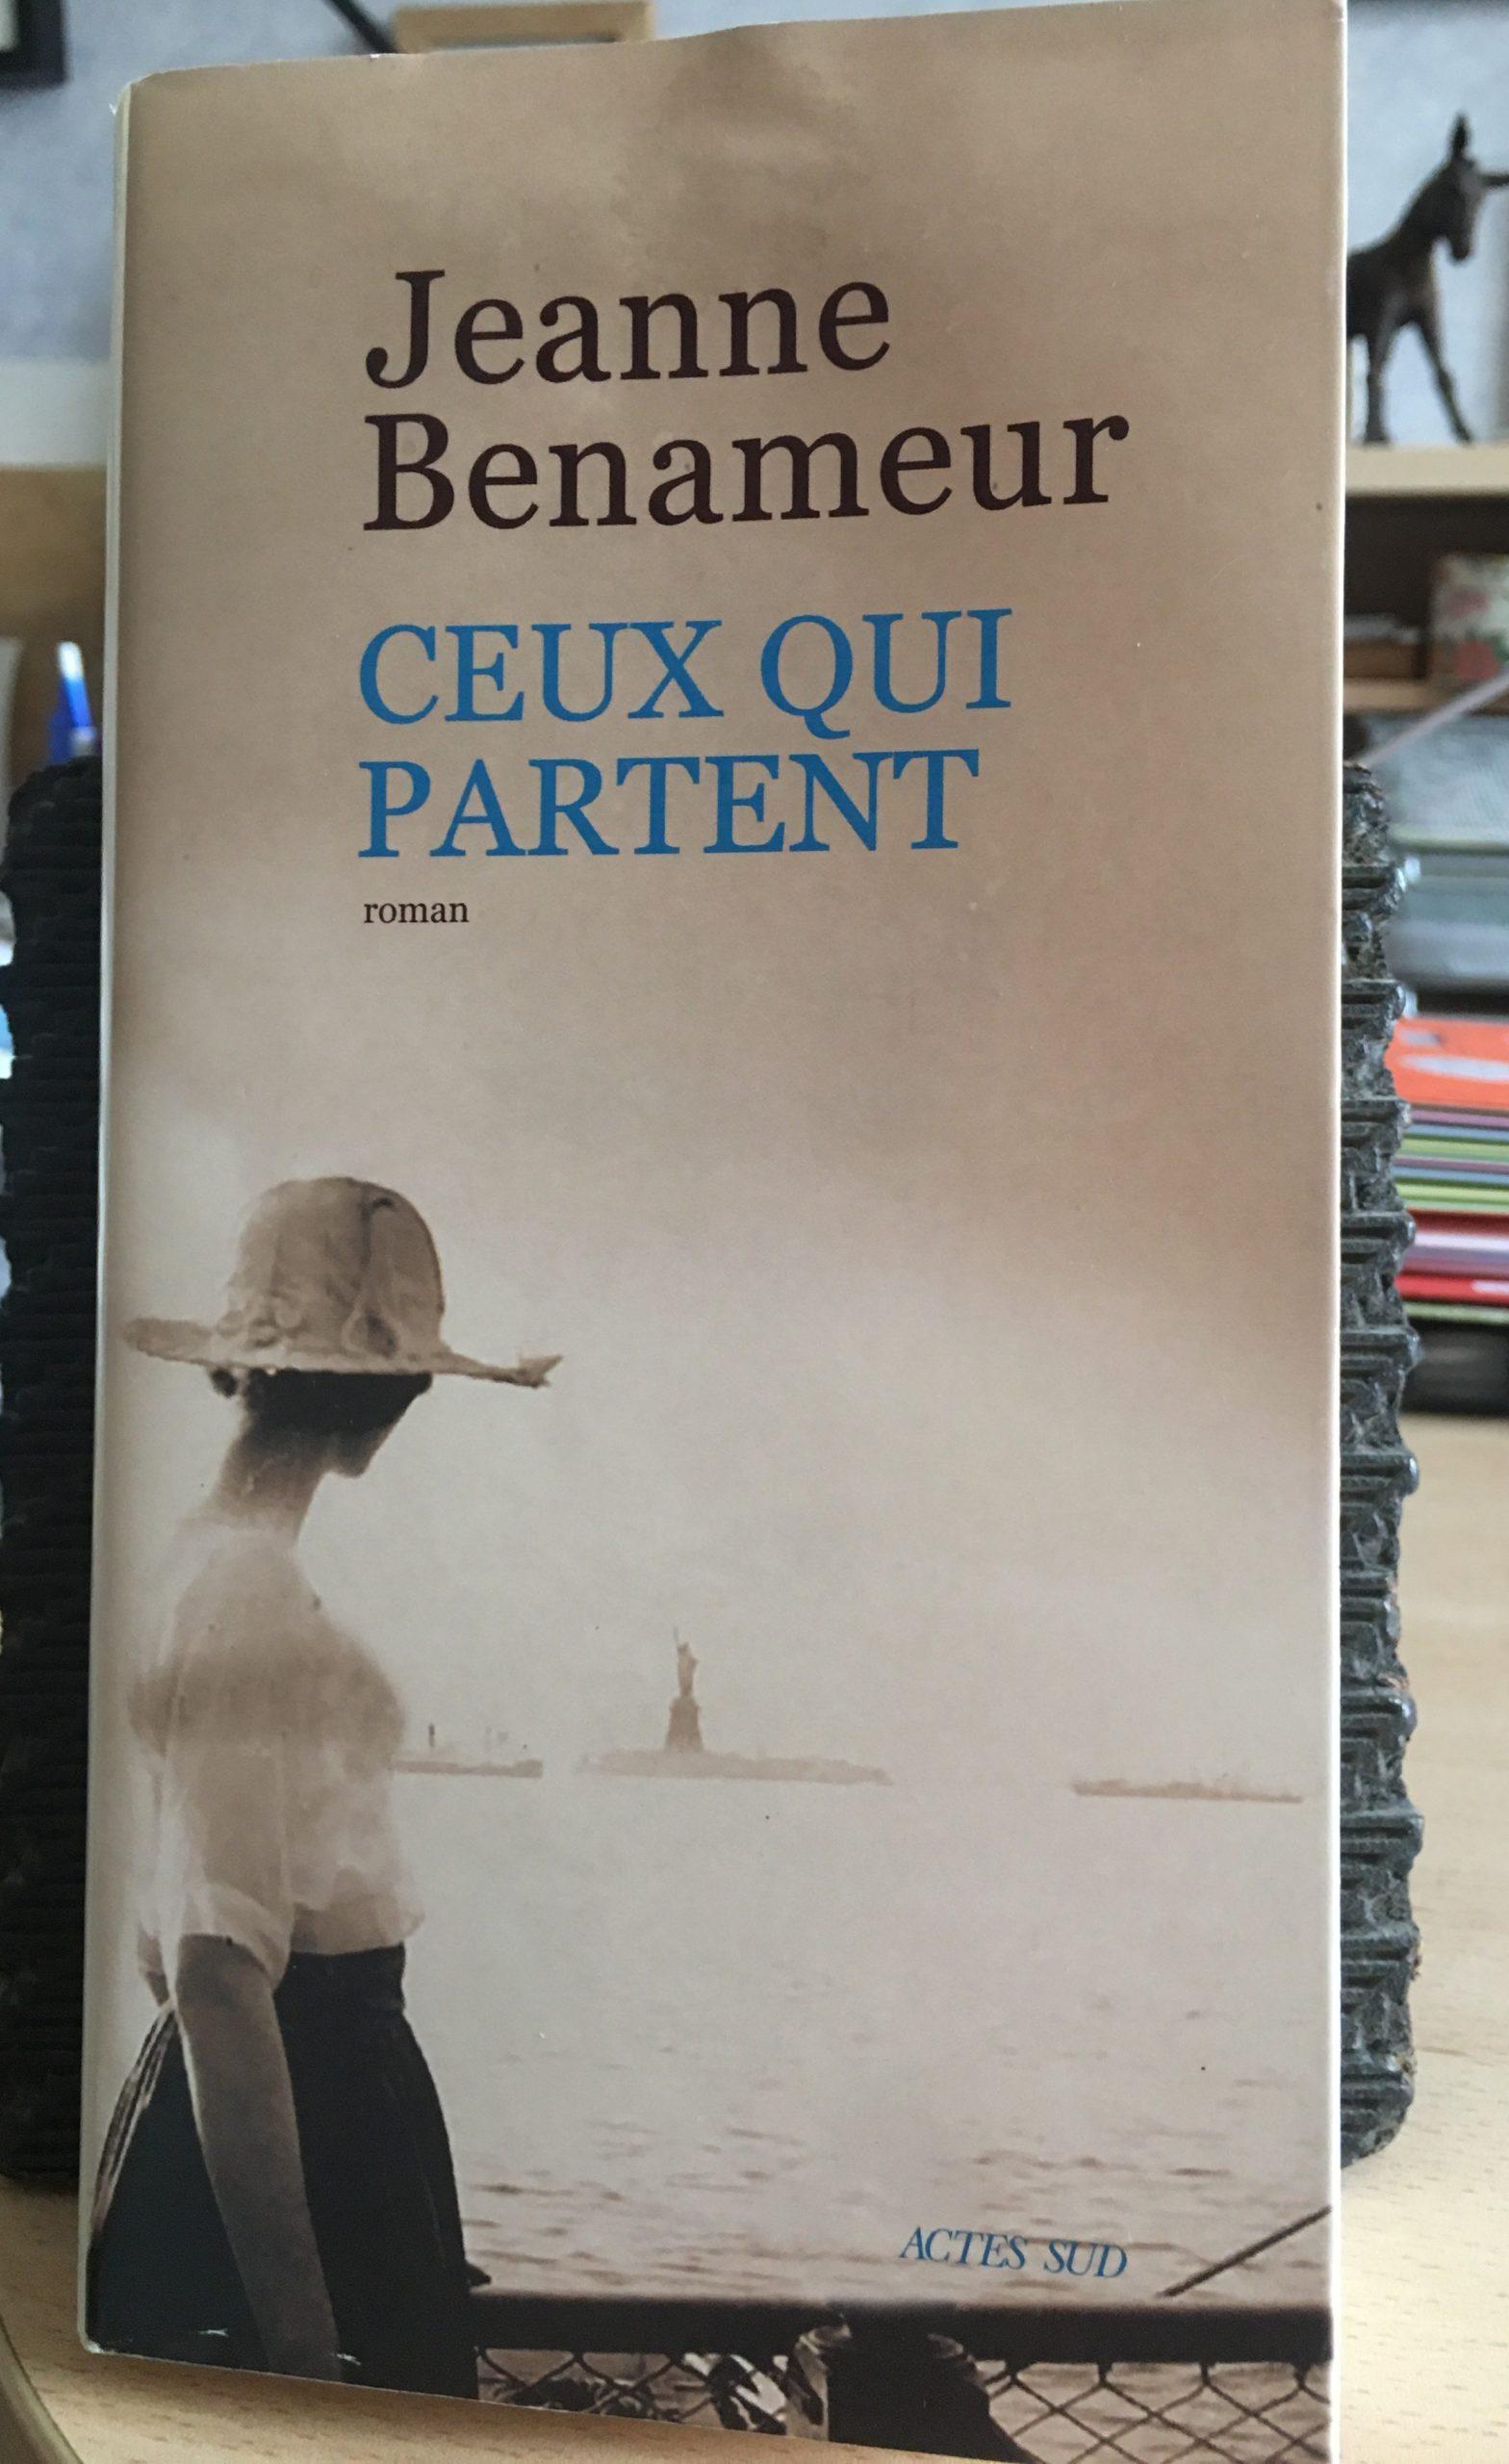 jeanne-benameur roman lecture extrait radio calade villefranche gleizé